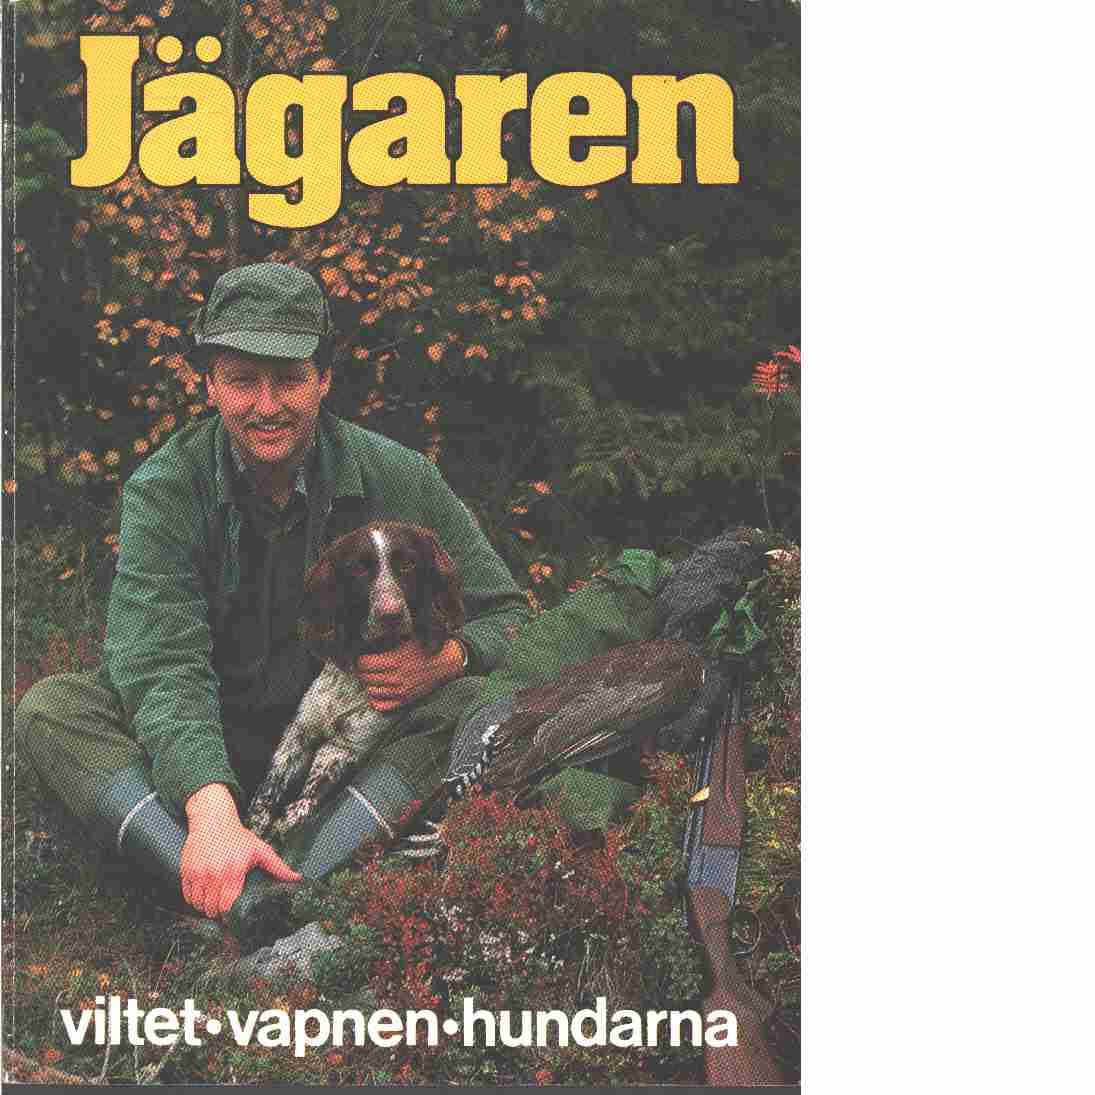 Jägaren. 1991/92  -  Red. Sandgren, Gunnar E.